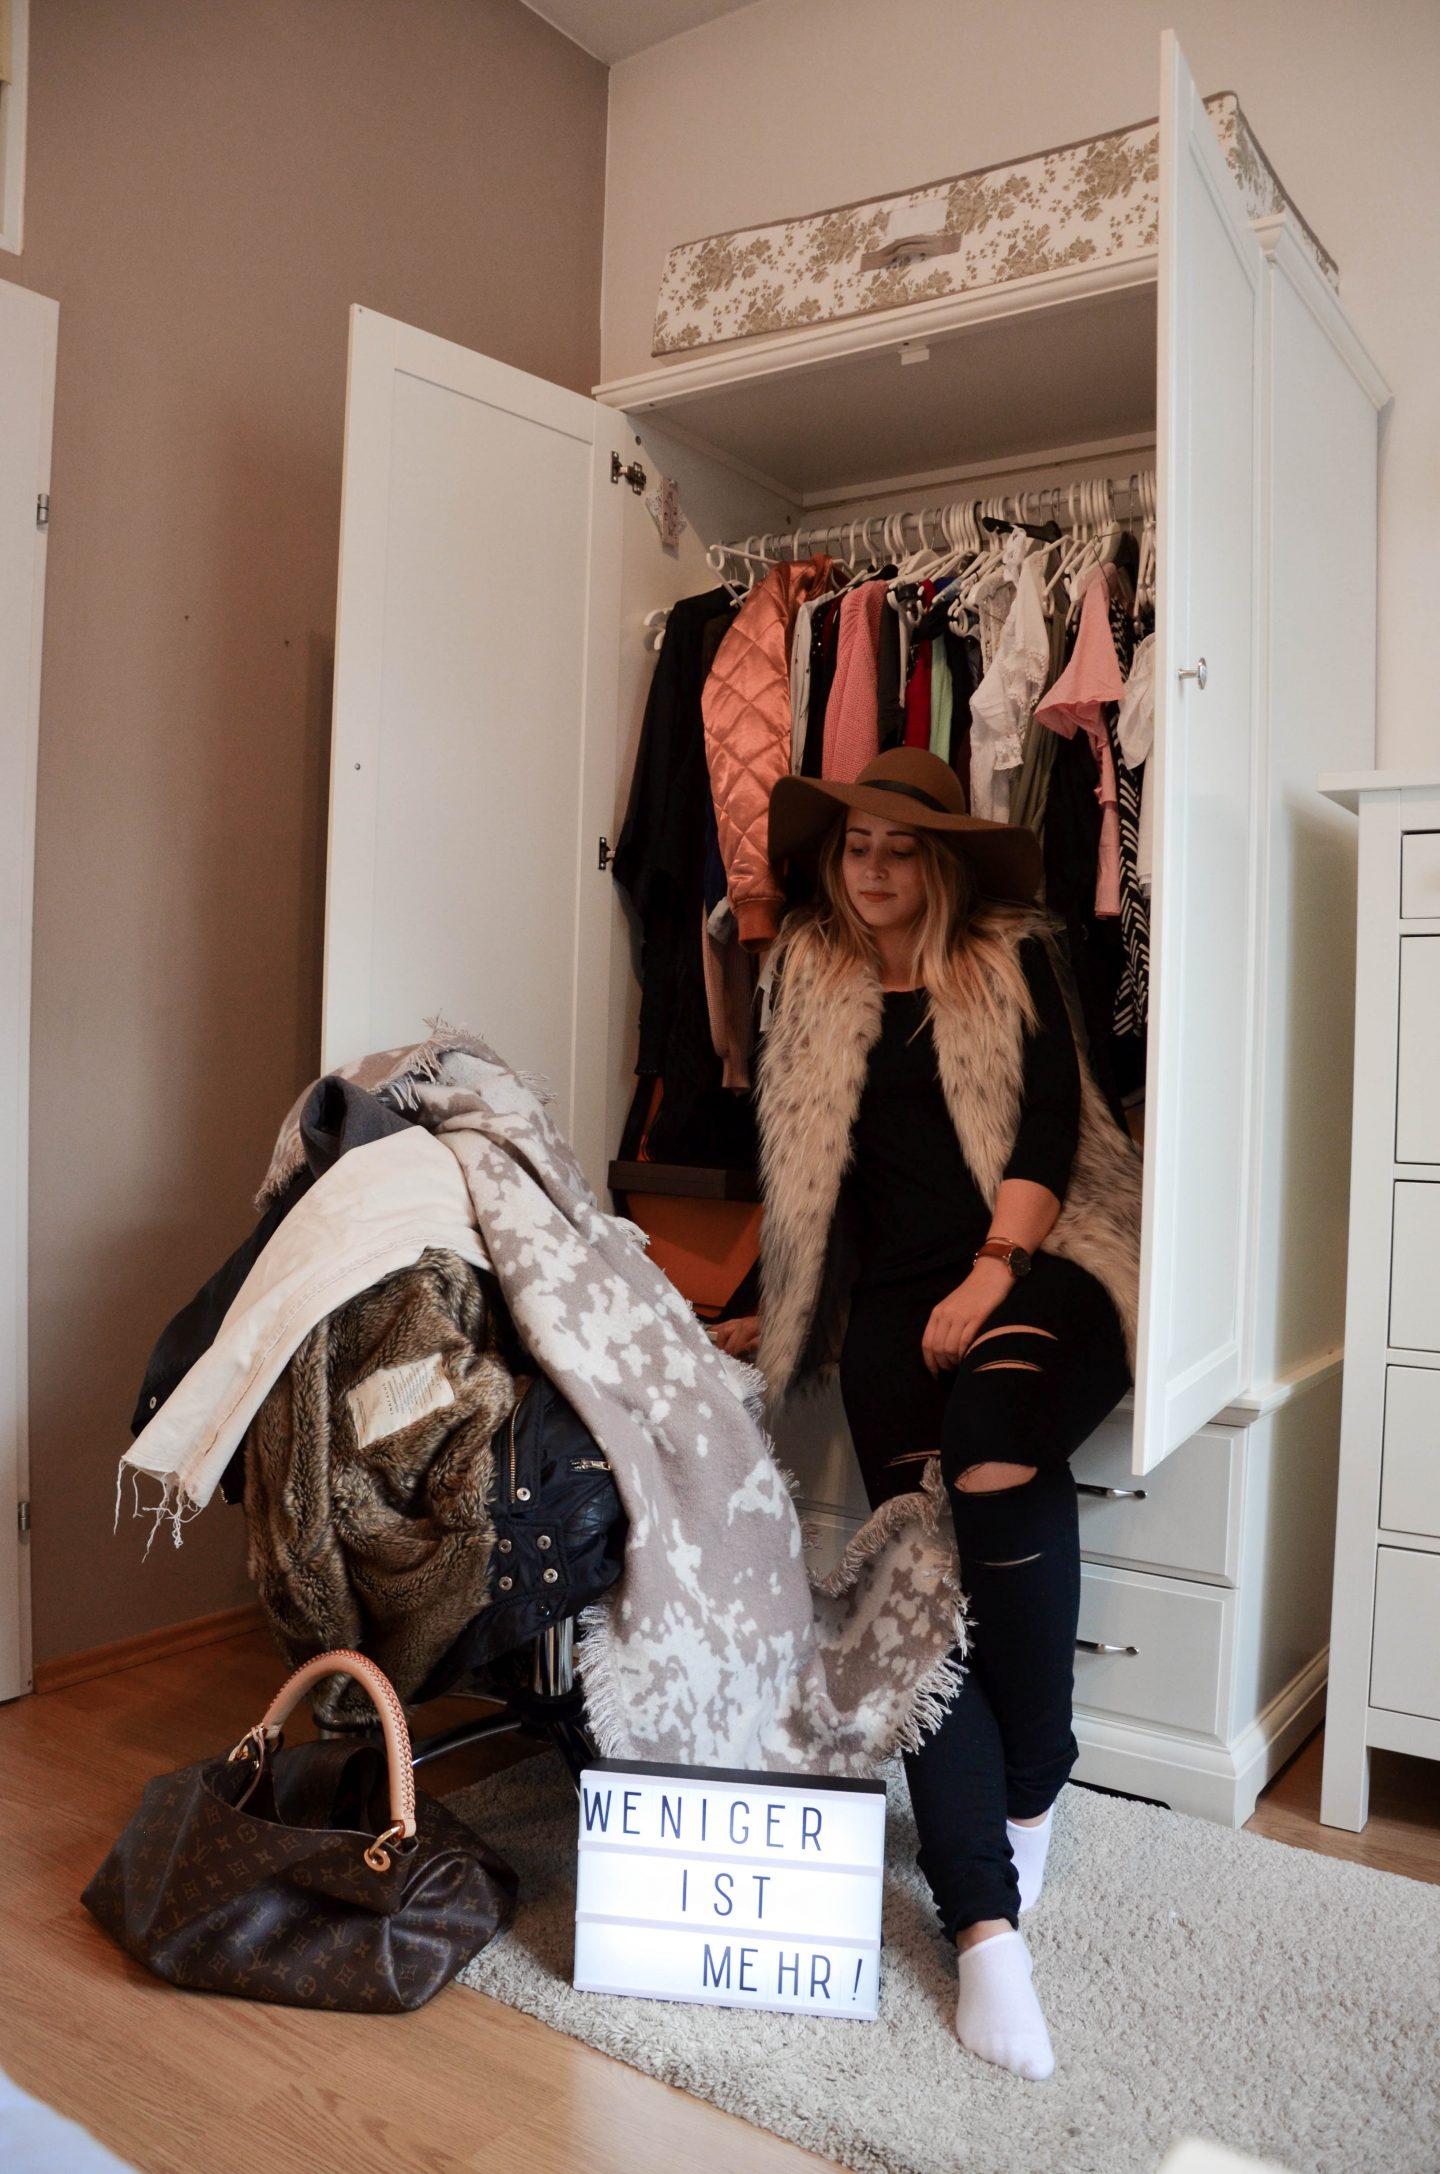 Vanessa im Kleiderschrank beim Ausmisten